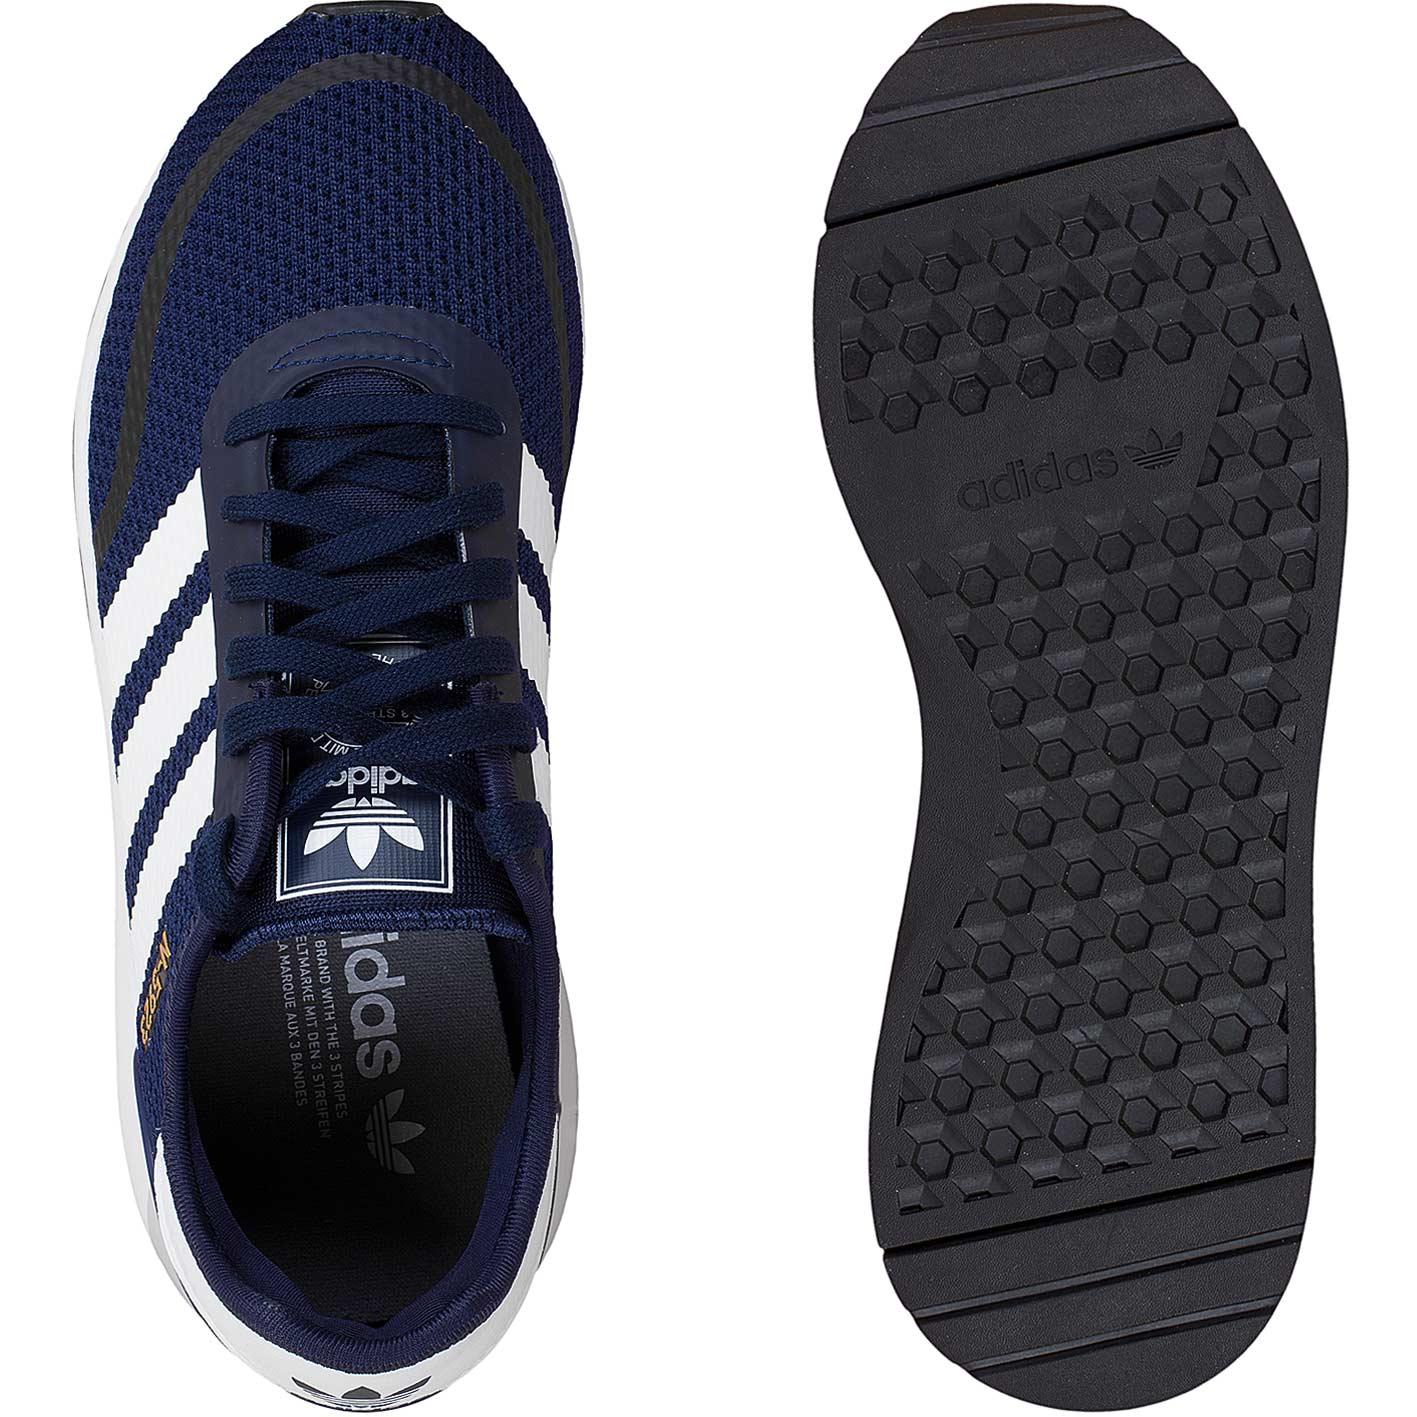 billig Stylische ADIDAS Schuhe zu verkaufen Stylische ADIDAS